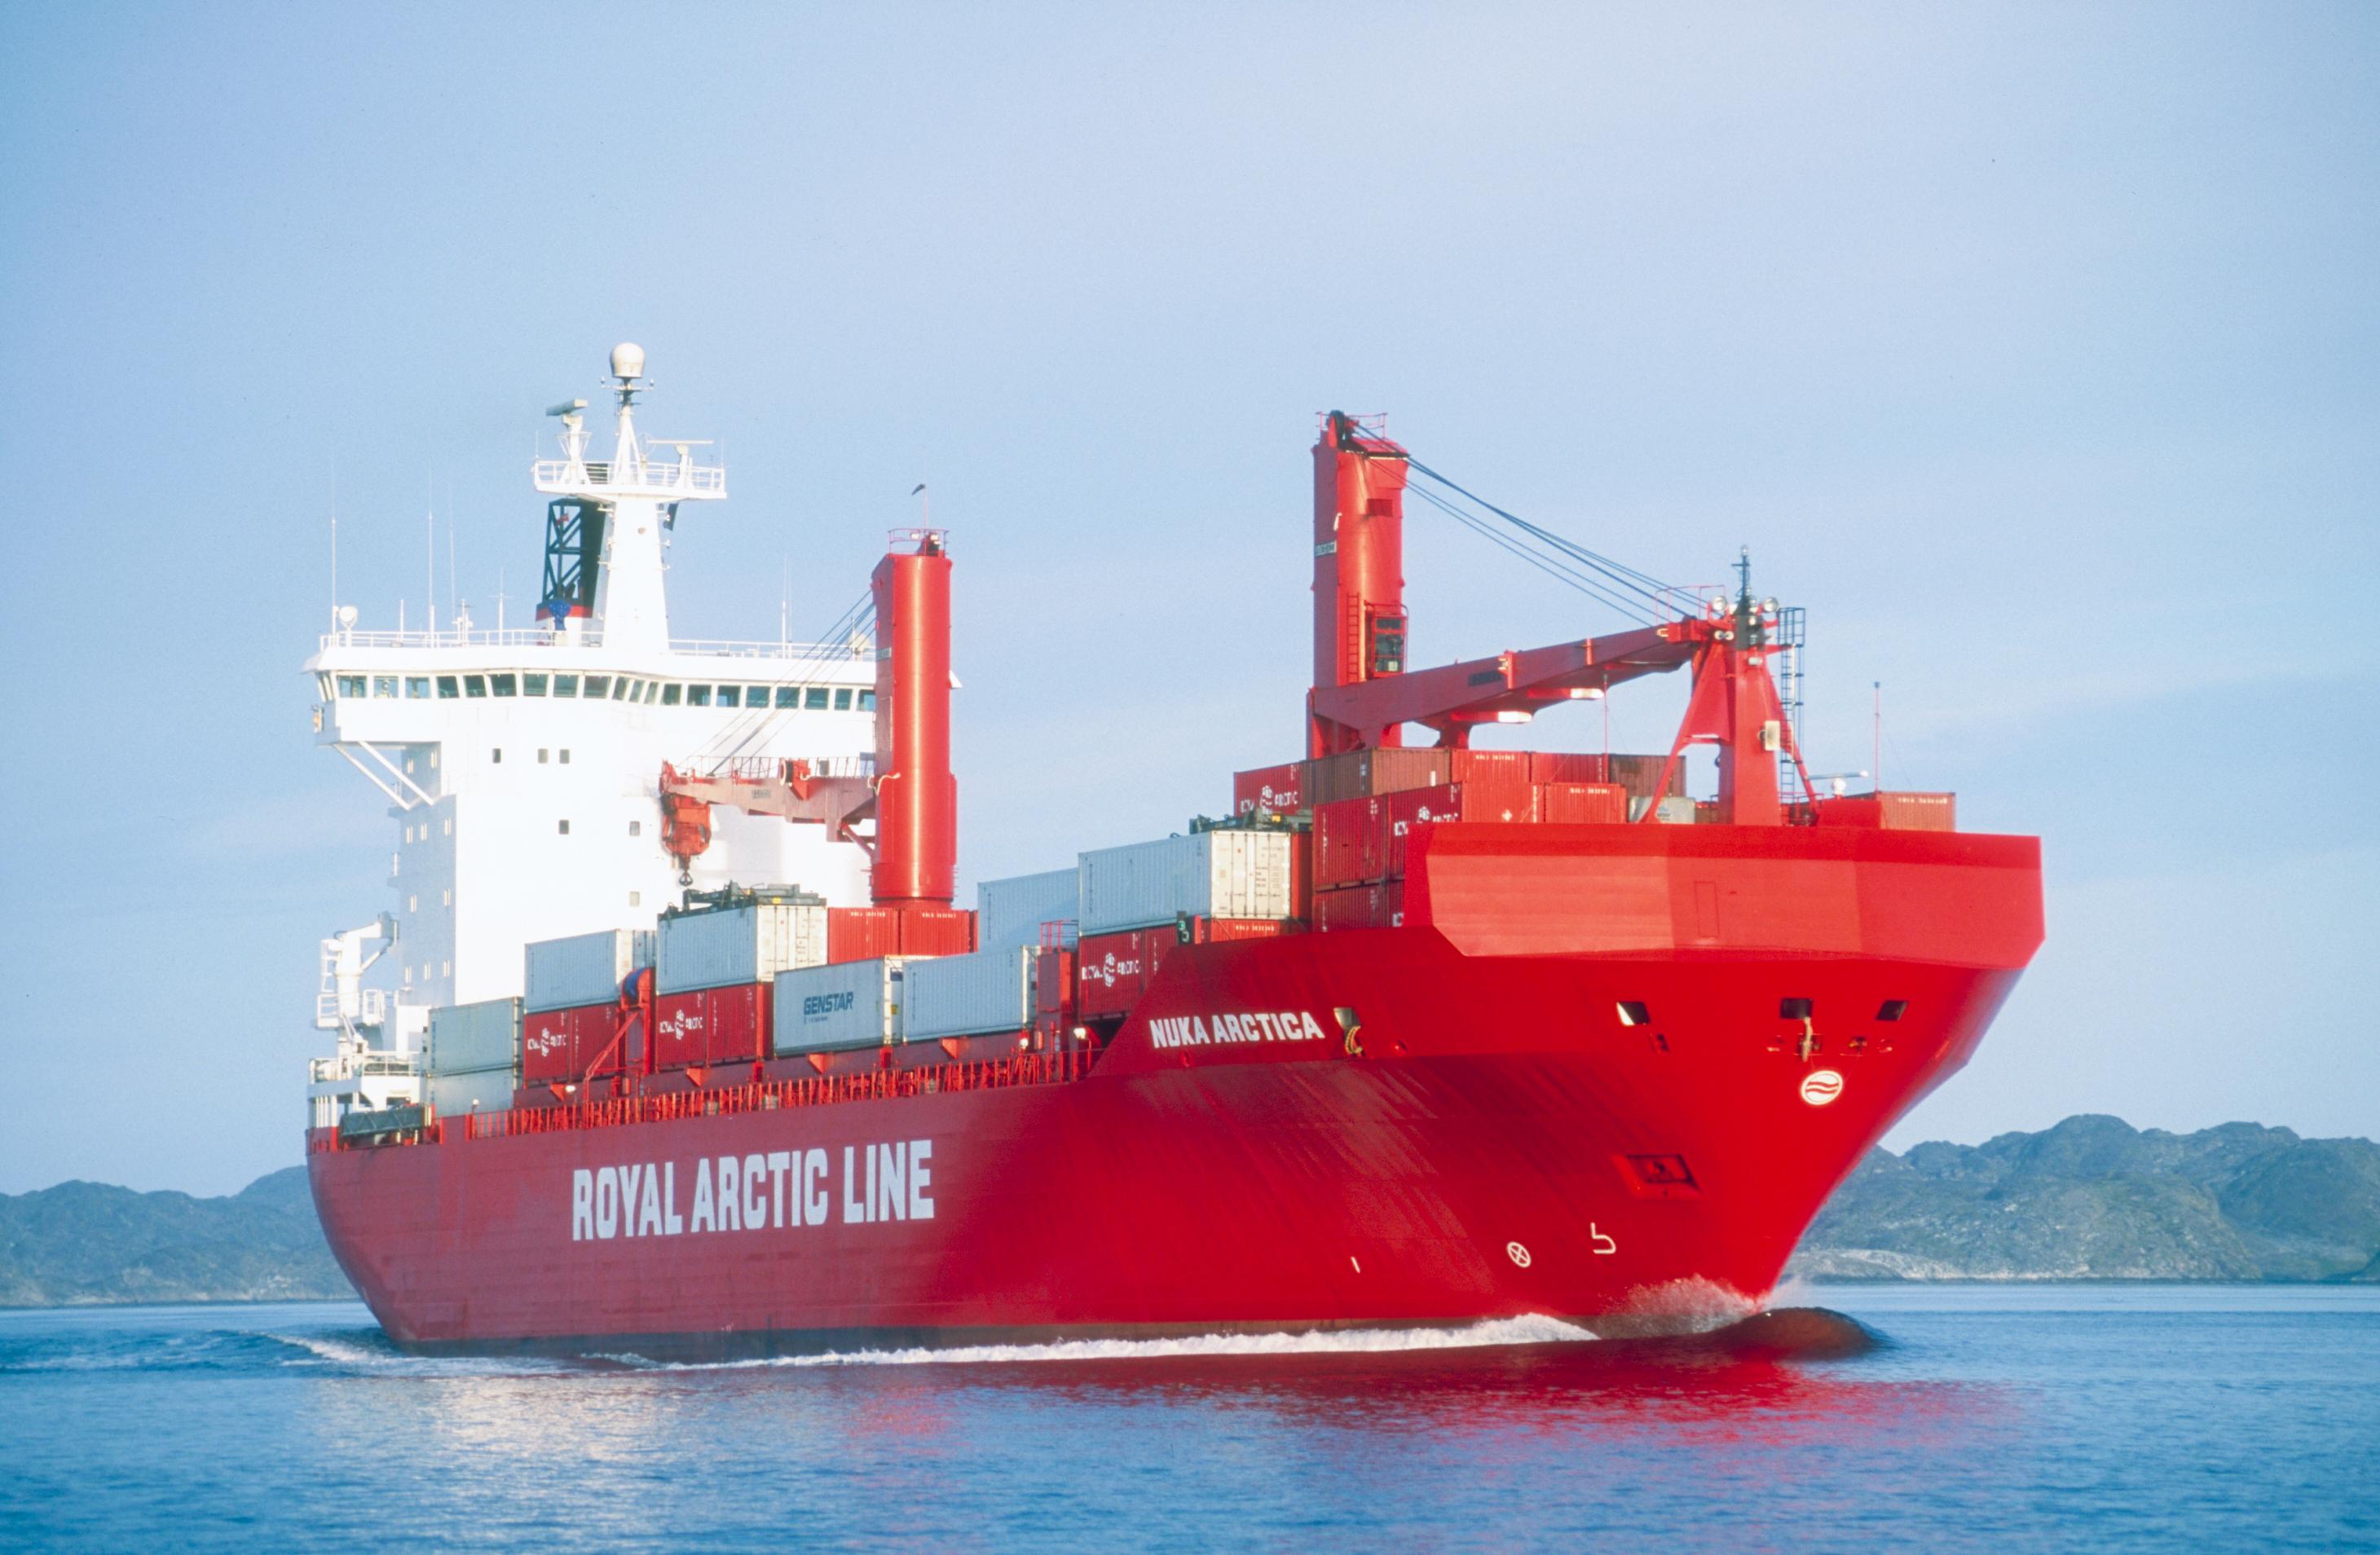 Arctic Line : Nuka arctica royal arctic line